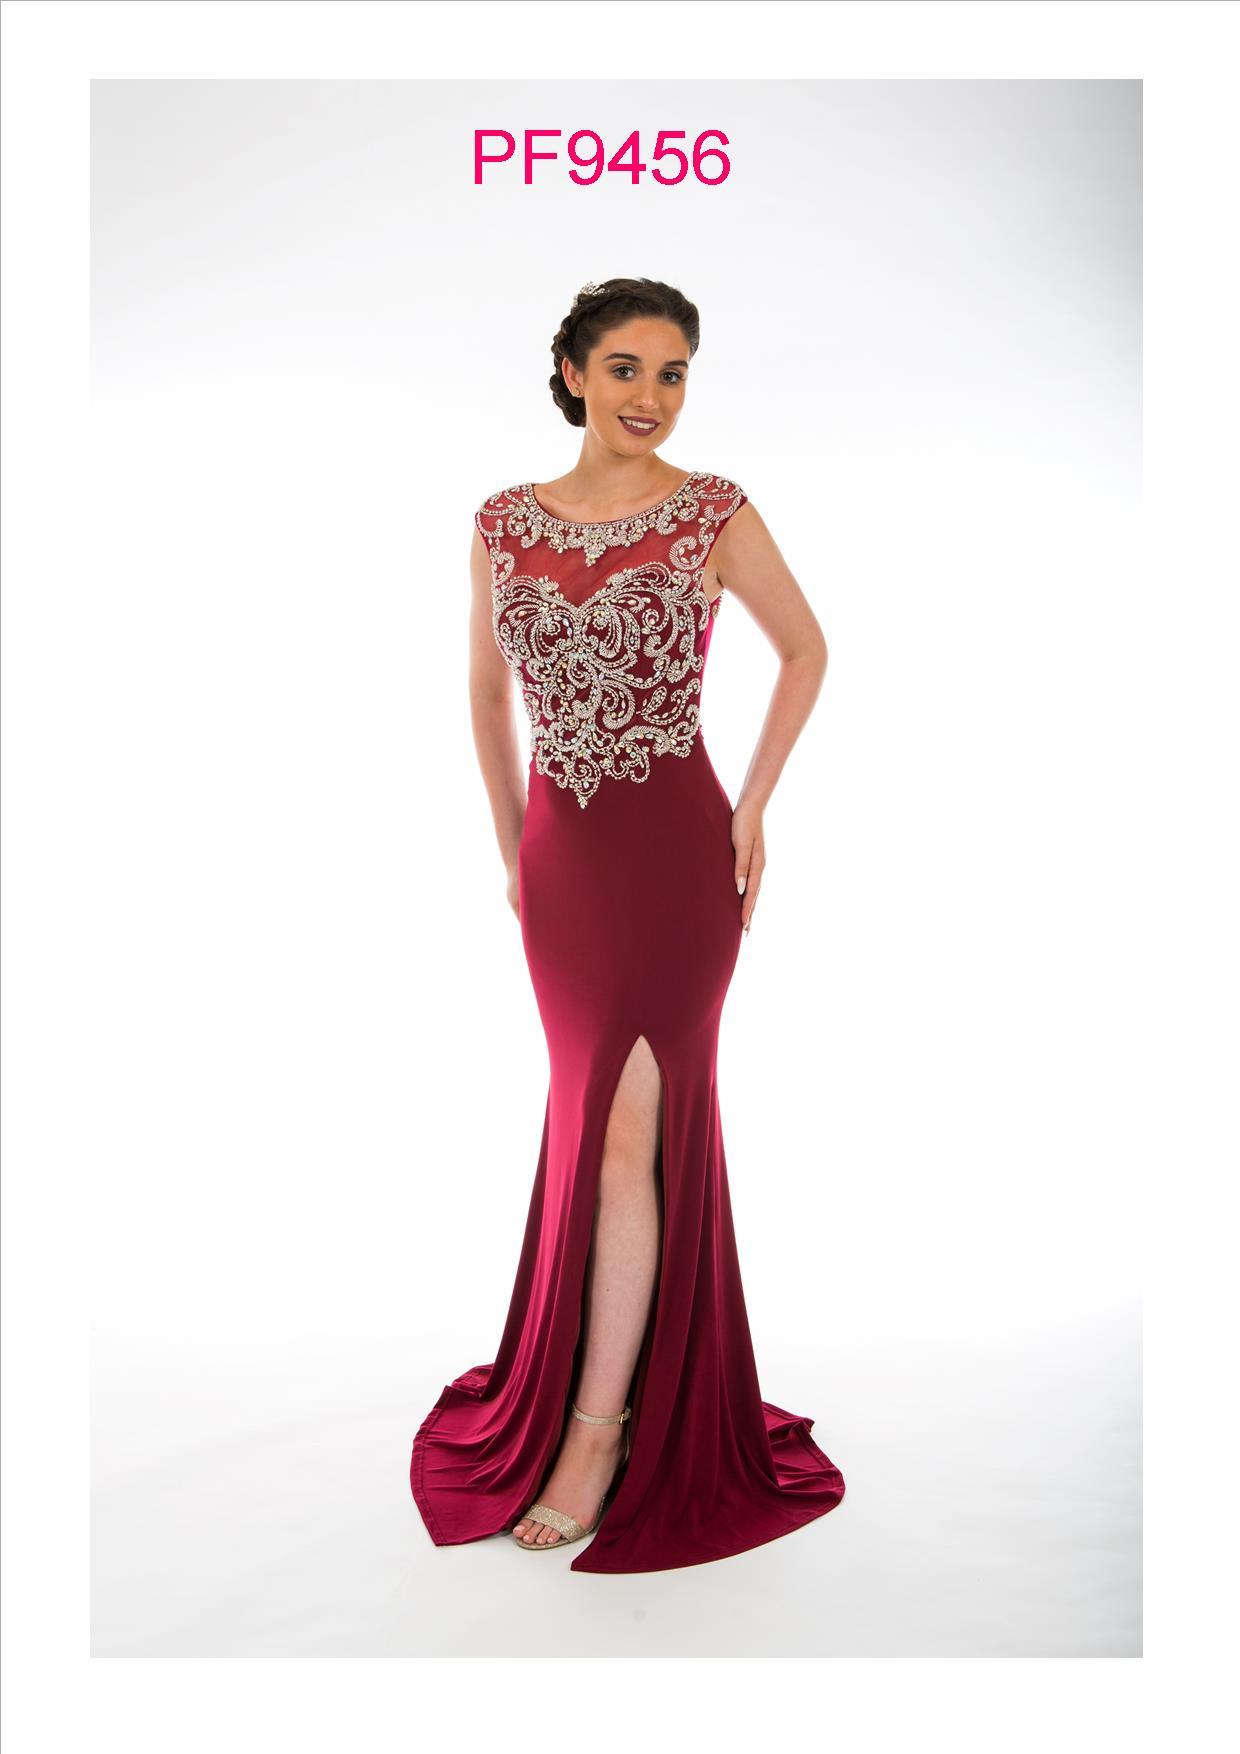 bef1d8c4d767d Prom Frocks PF 9456 Dark Wine Prom Dress - Prom Frocks UK Prom Dresses